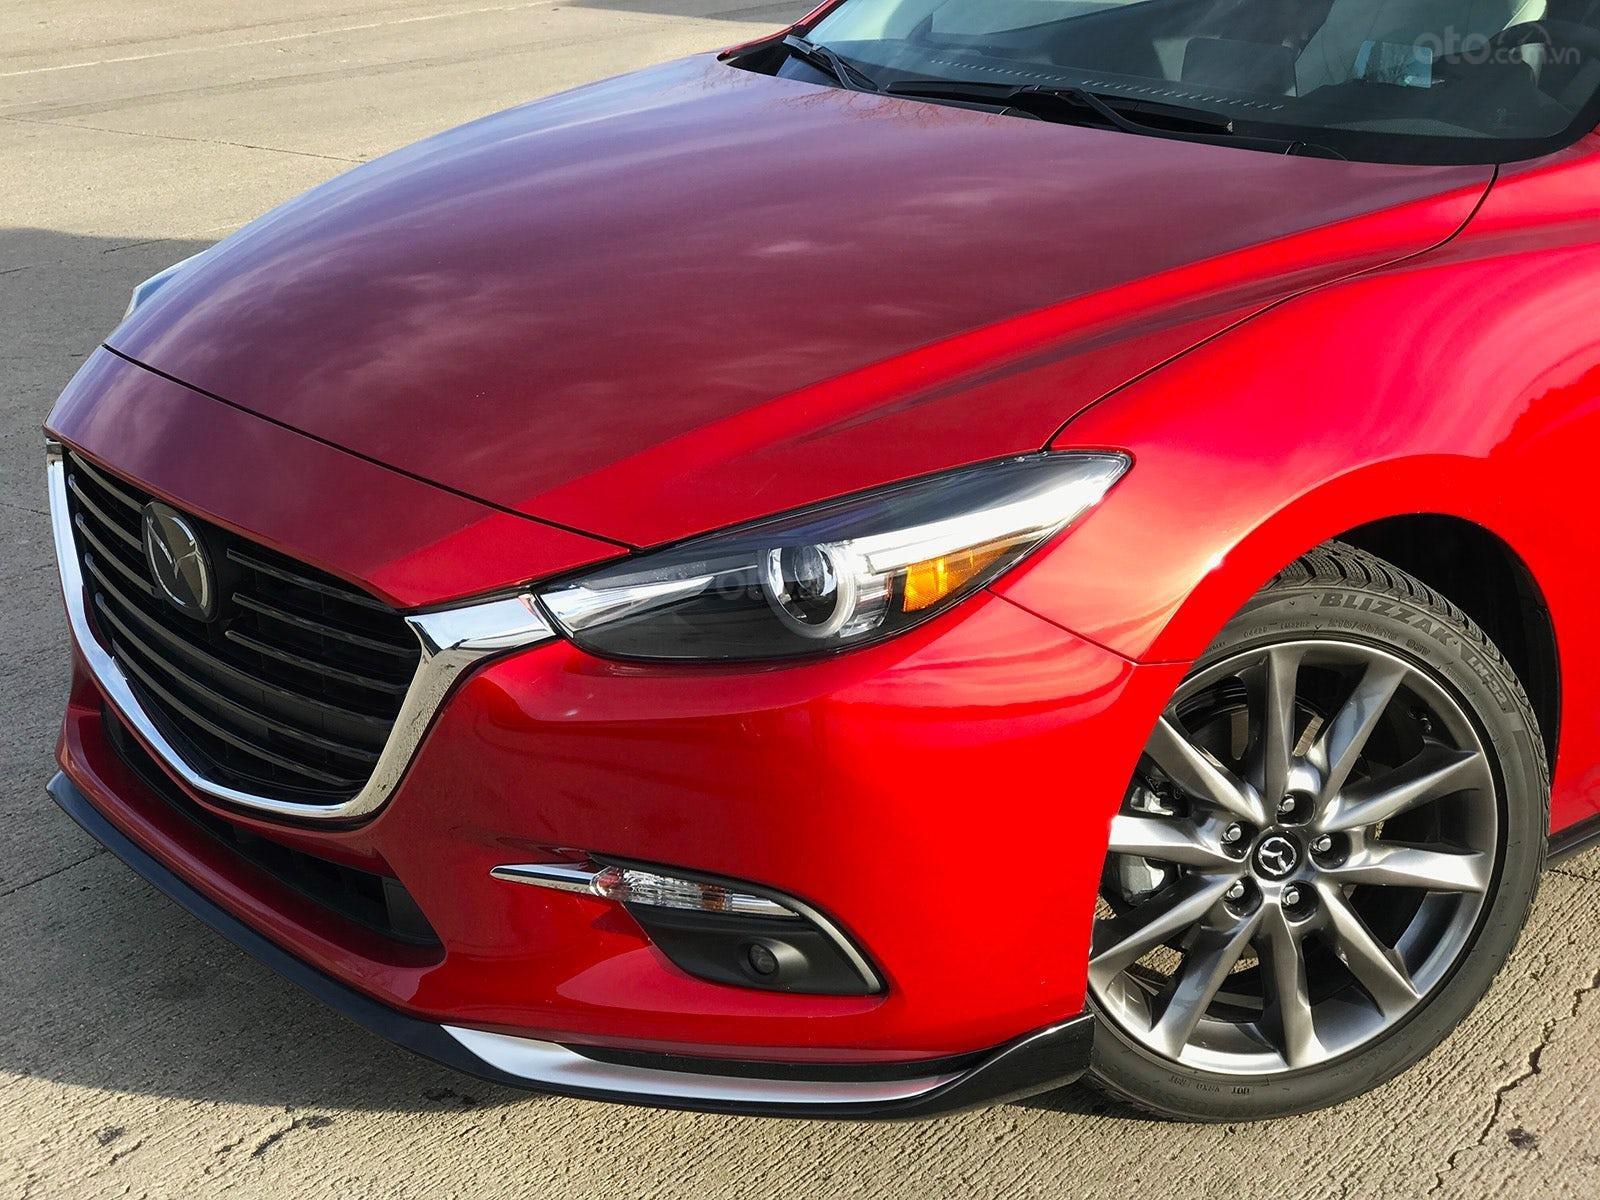 Bán Mazda 3 giảm giá sốc, ưu đãi cực hấp dẫn, chỉ 180 triệu nhận xe ngay-3